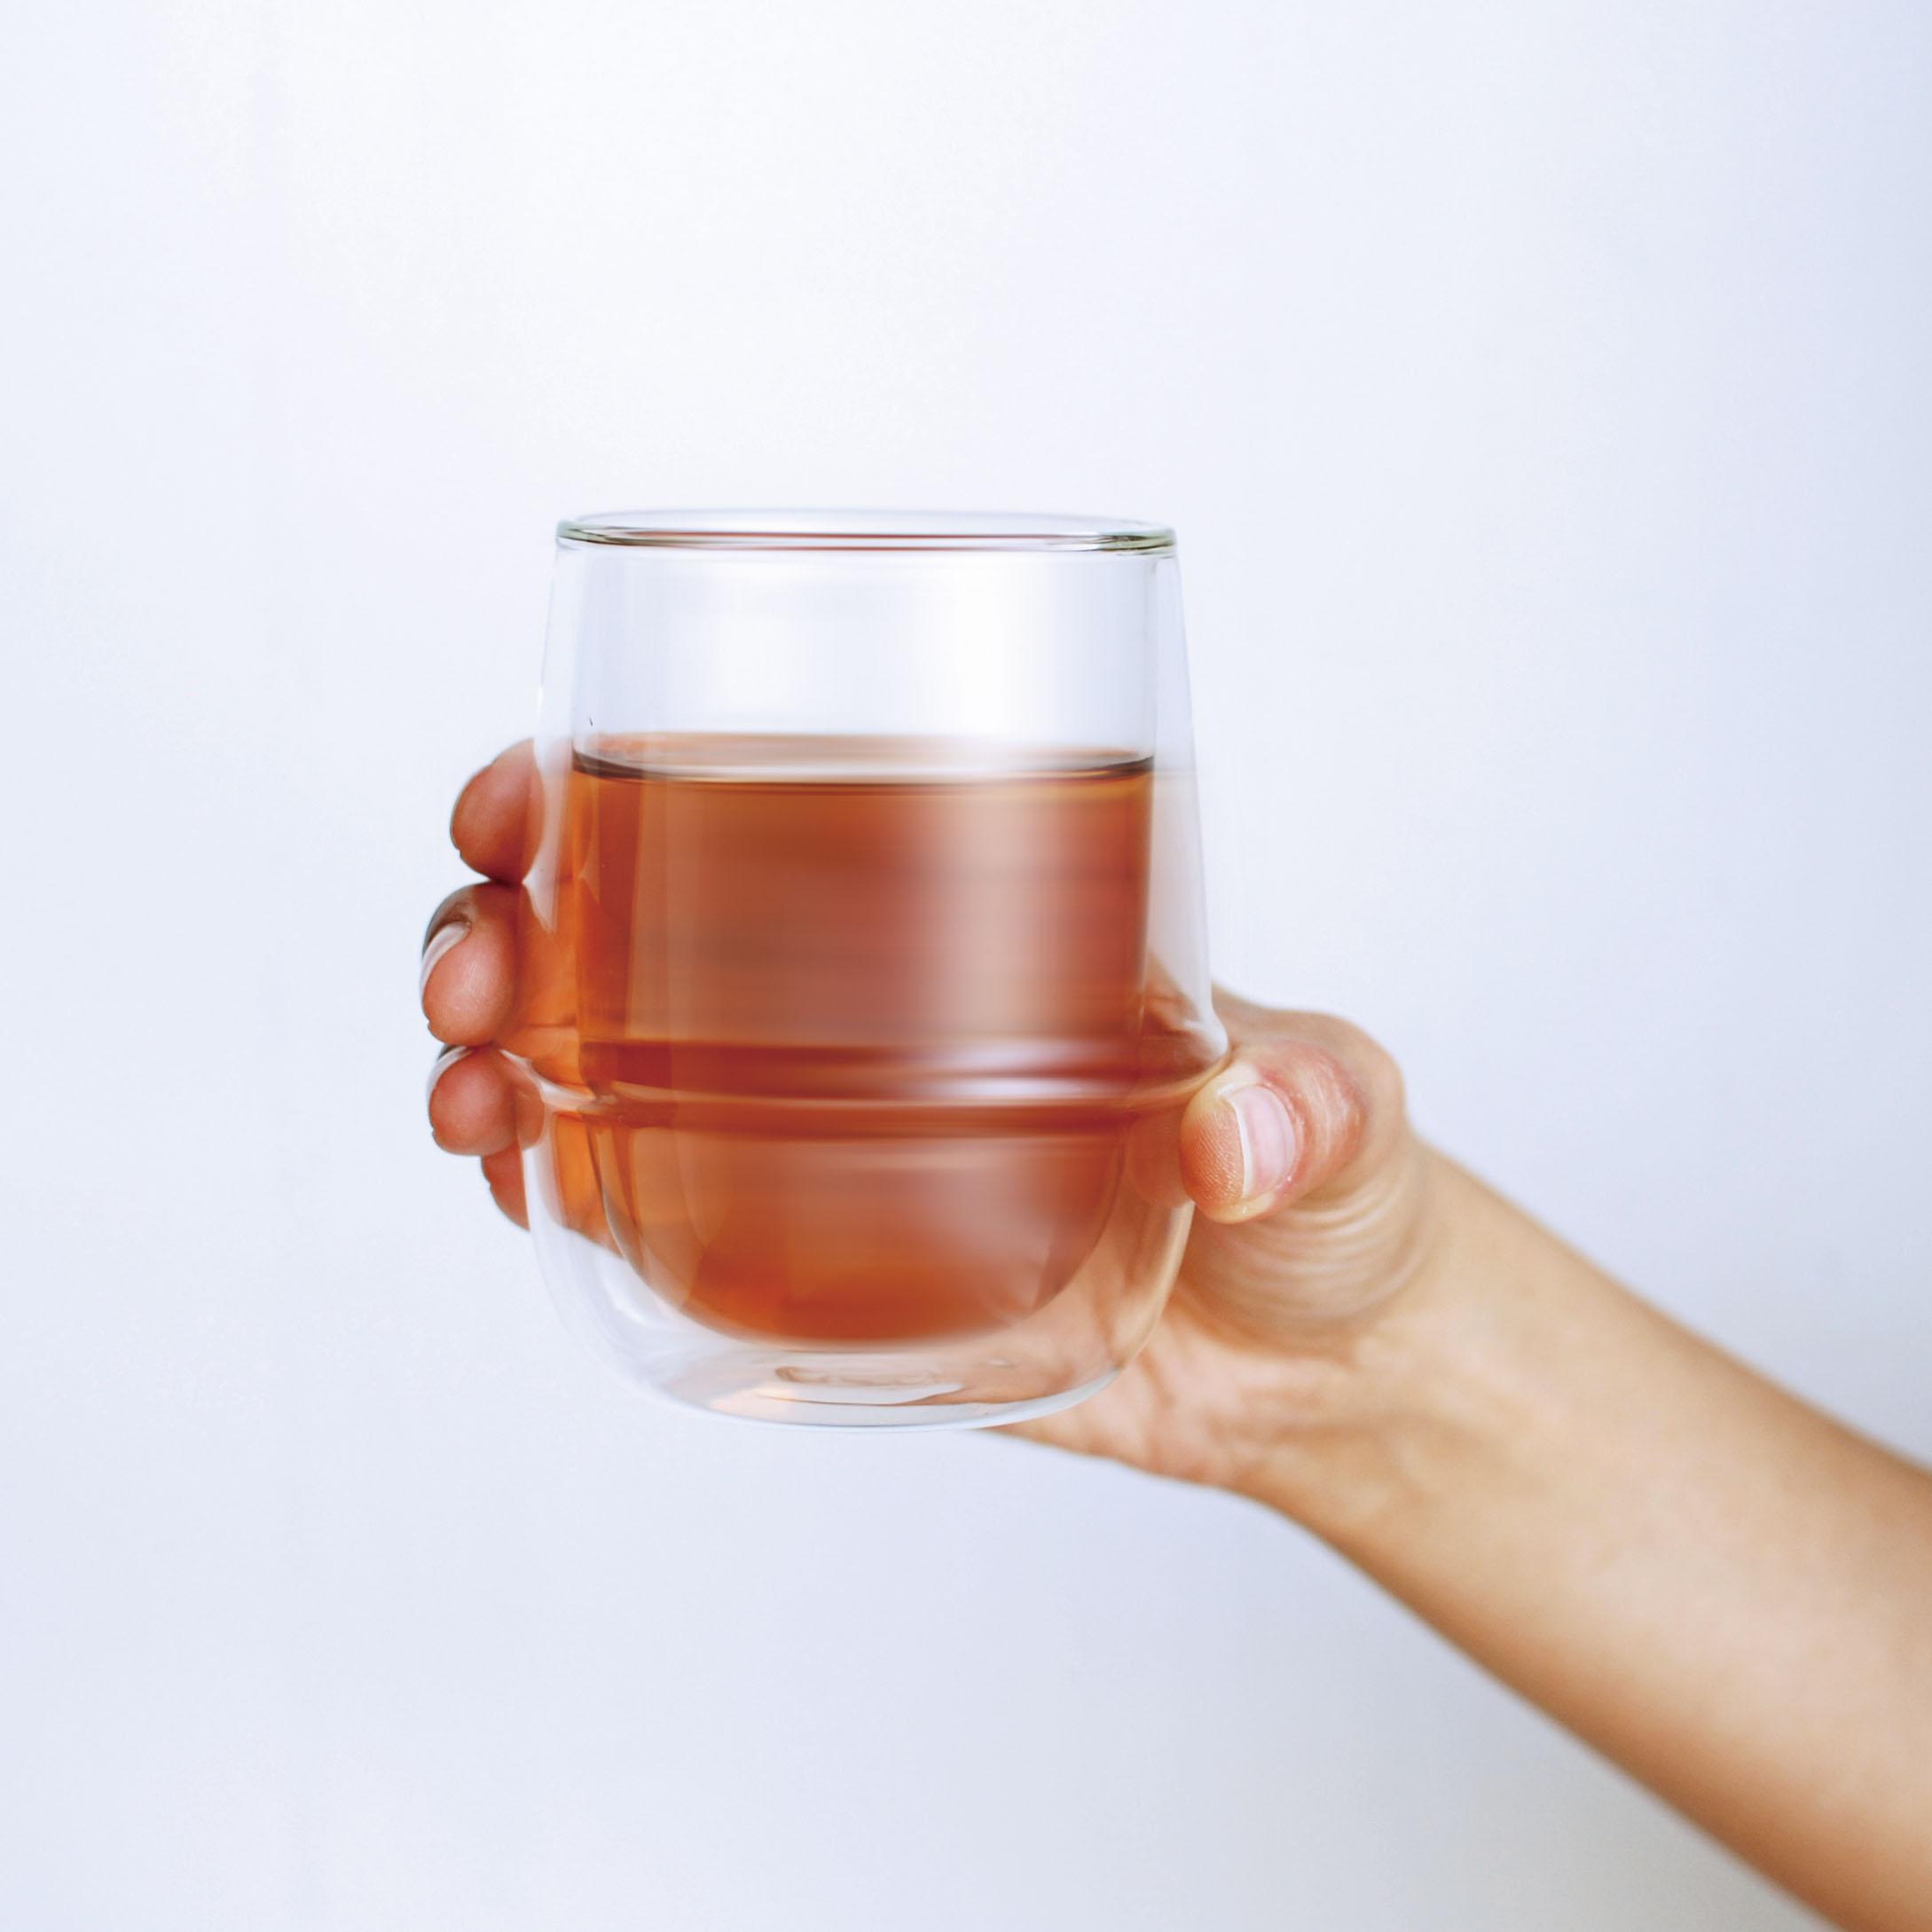 KINTO KRONOS DOUBLE WALL ICED TEA GLASS 350ML / 12OZ CLEAR THUMBNAIL 2